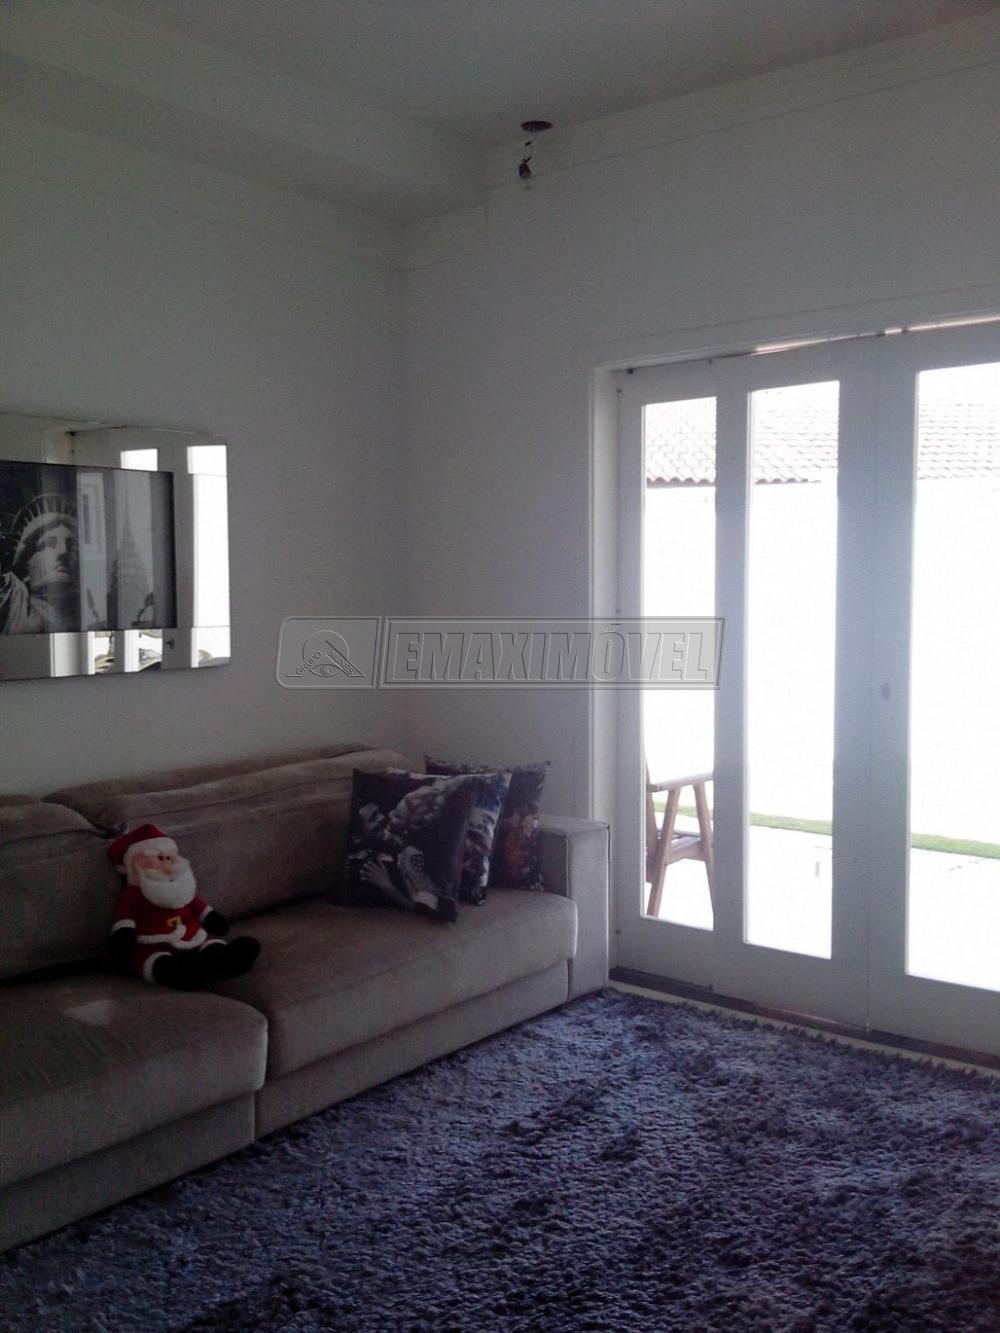 Comprar Casas / em Condomínios em Itu R$ 1.860.000,00 - Foto 5